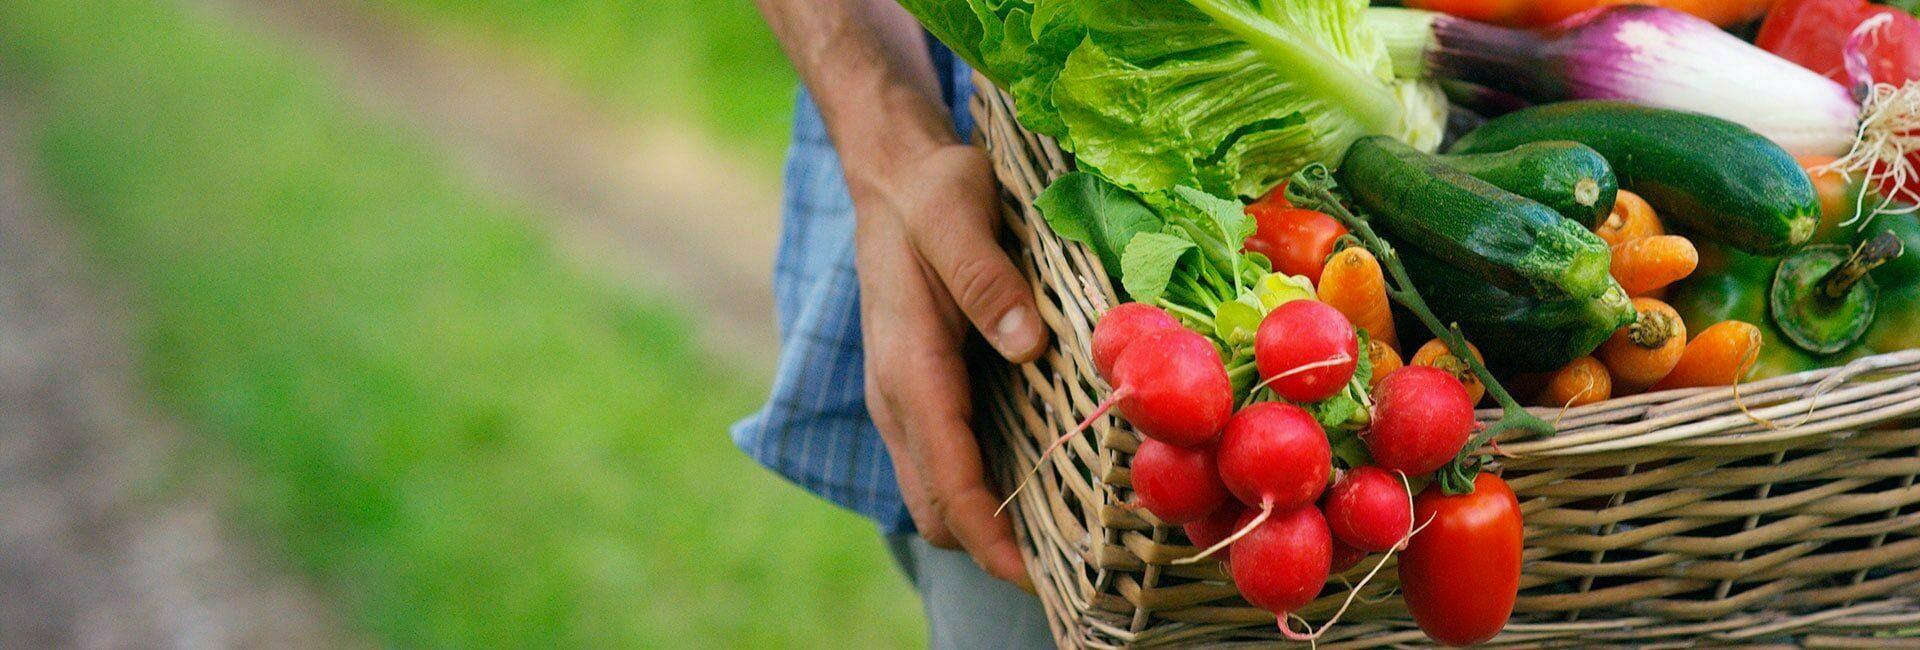 Mann hält Korb mit gesunden Gemüse für eine Zahngesunde Ernährung